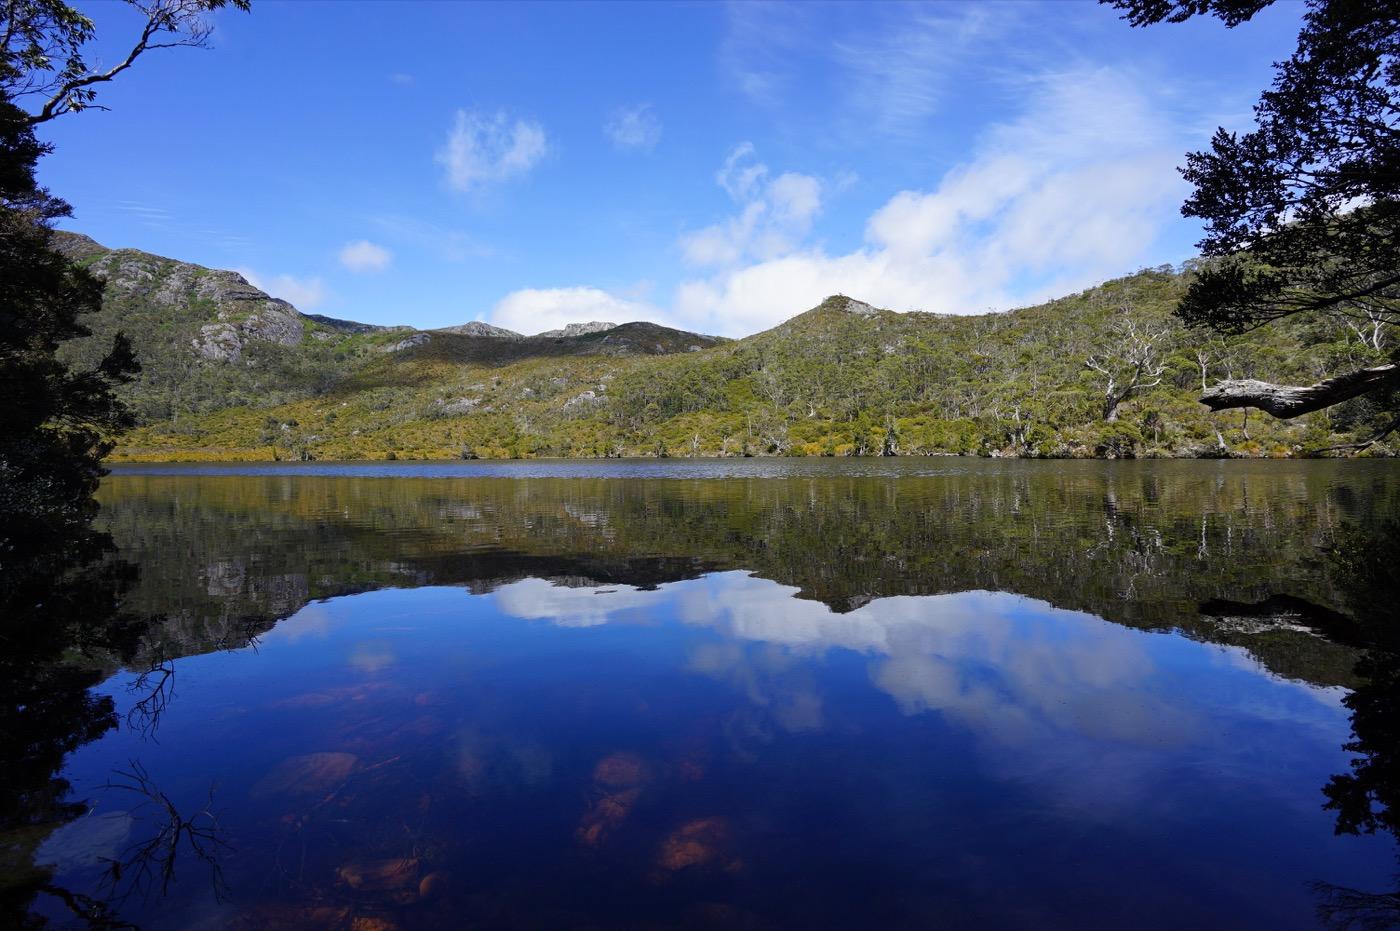 Himmel und Berge spiegeln sich im Wasser